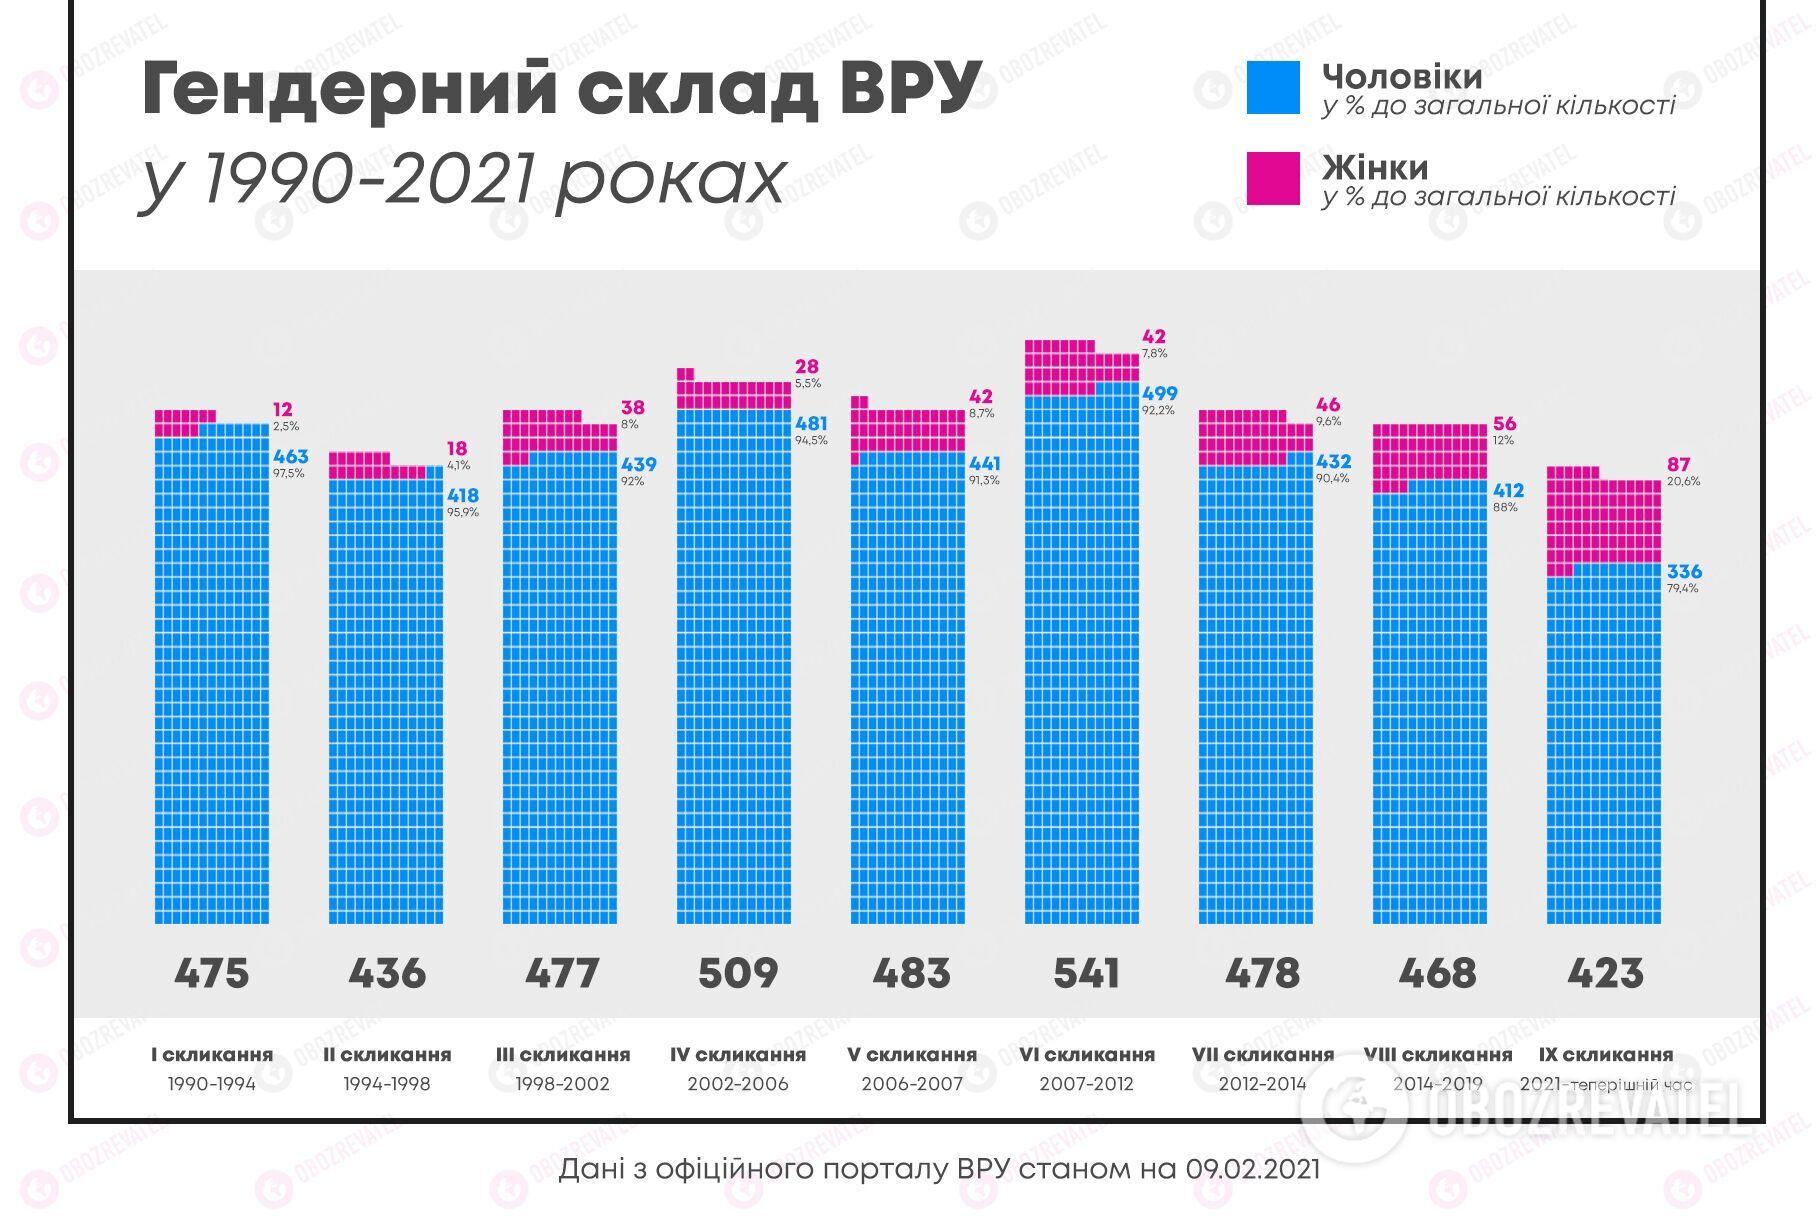 Гендерный состав ВРУ 1990-2021 год.